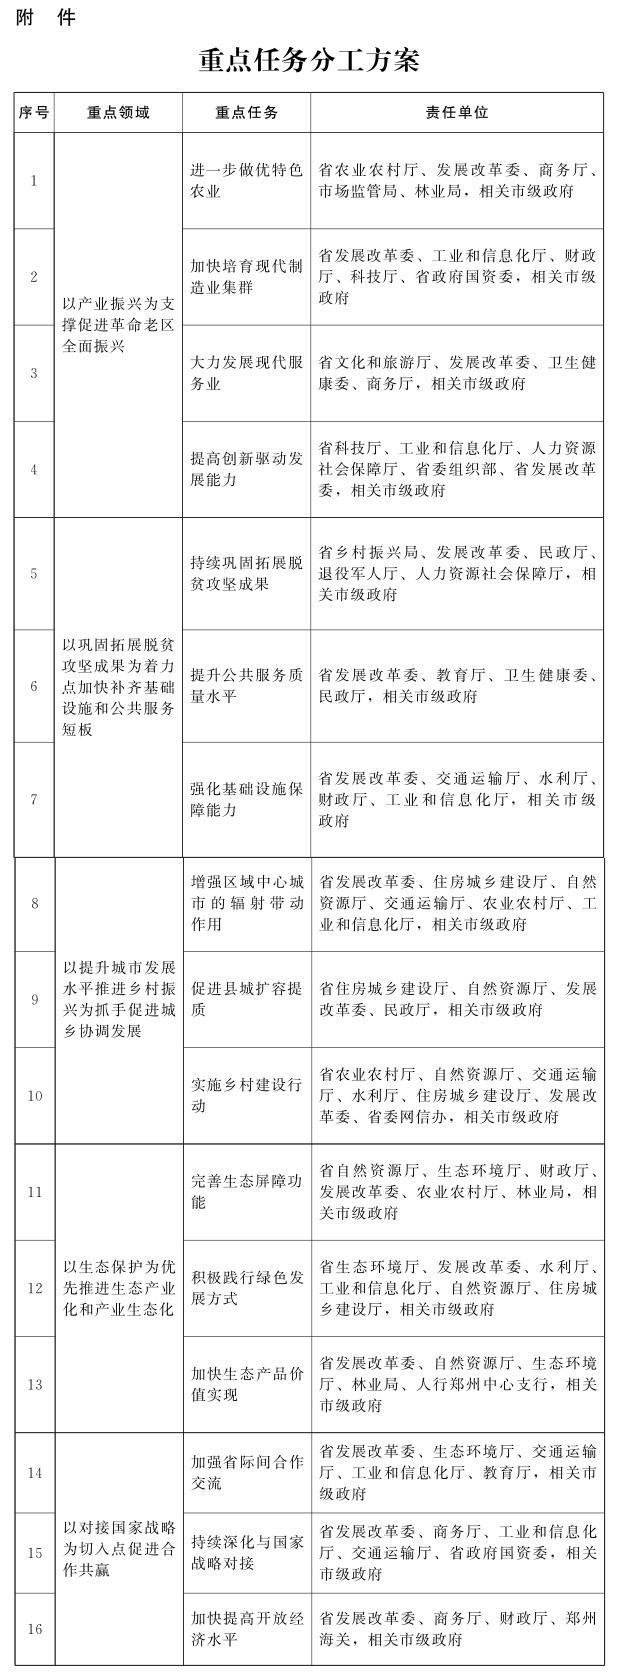 豫政〔2021〕27号《河南省人民政府关于新时代支持革命老区振兴发展的实施意见》